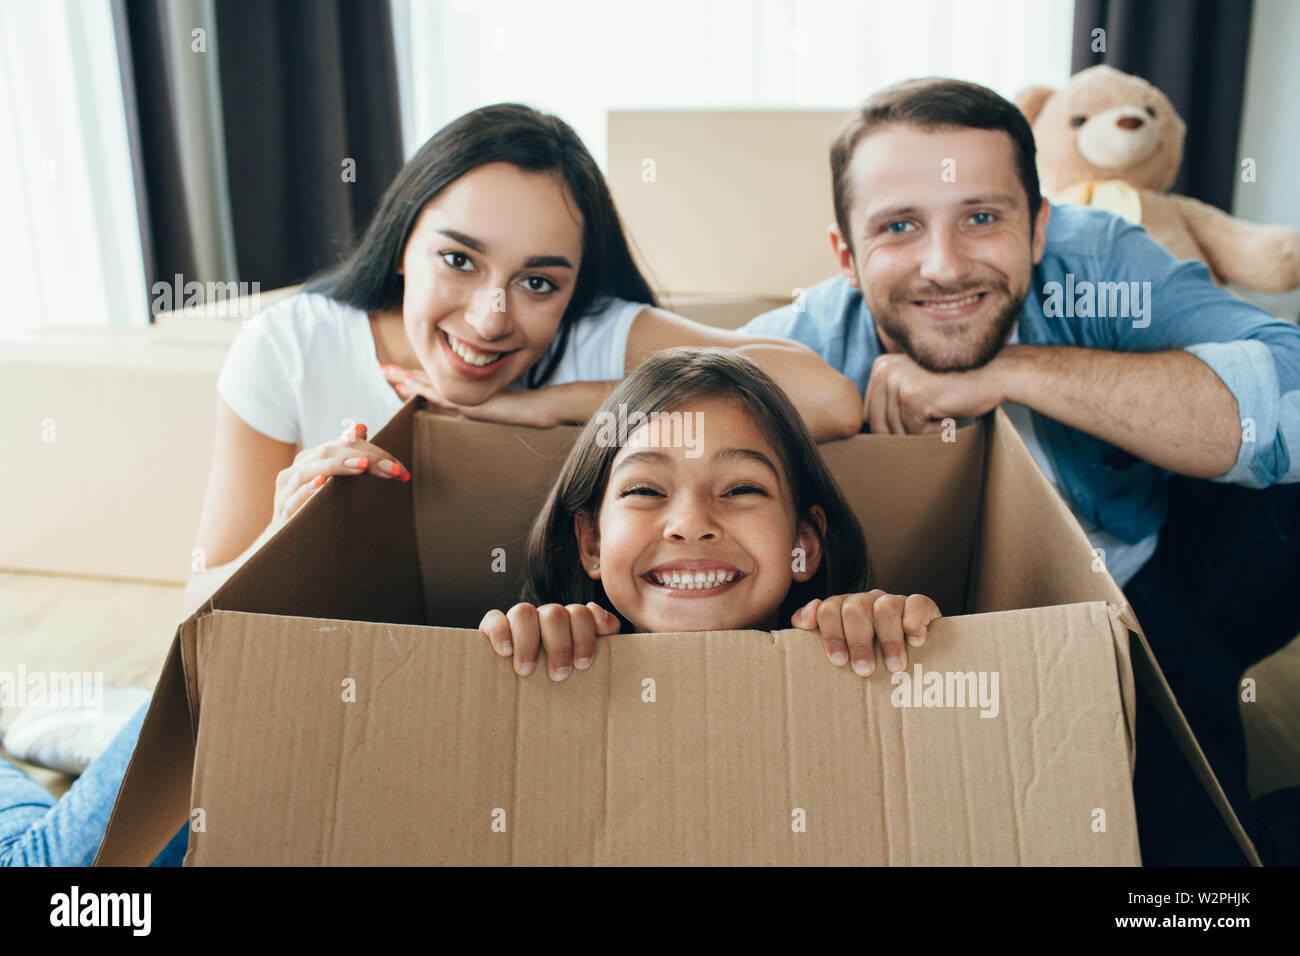 Süße kleine Mädchen sitzen in Kartons, spielte mit ihren Eltern während in neue Umzug Stockfoto